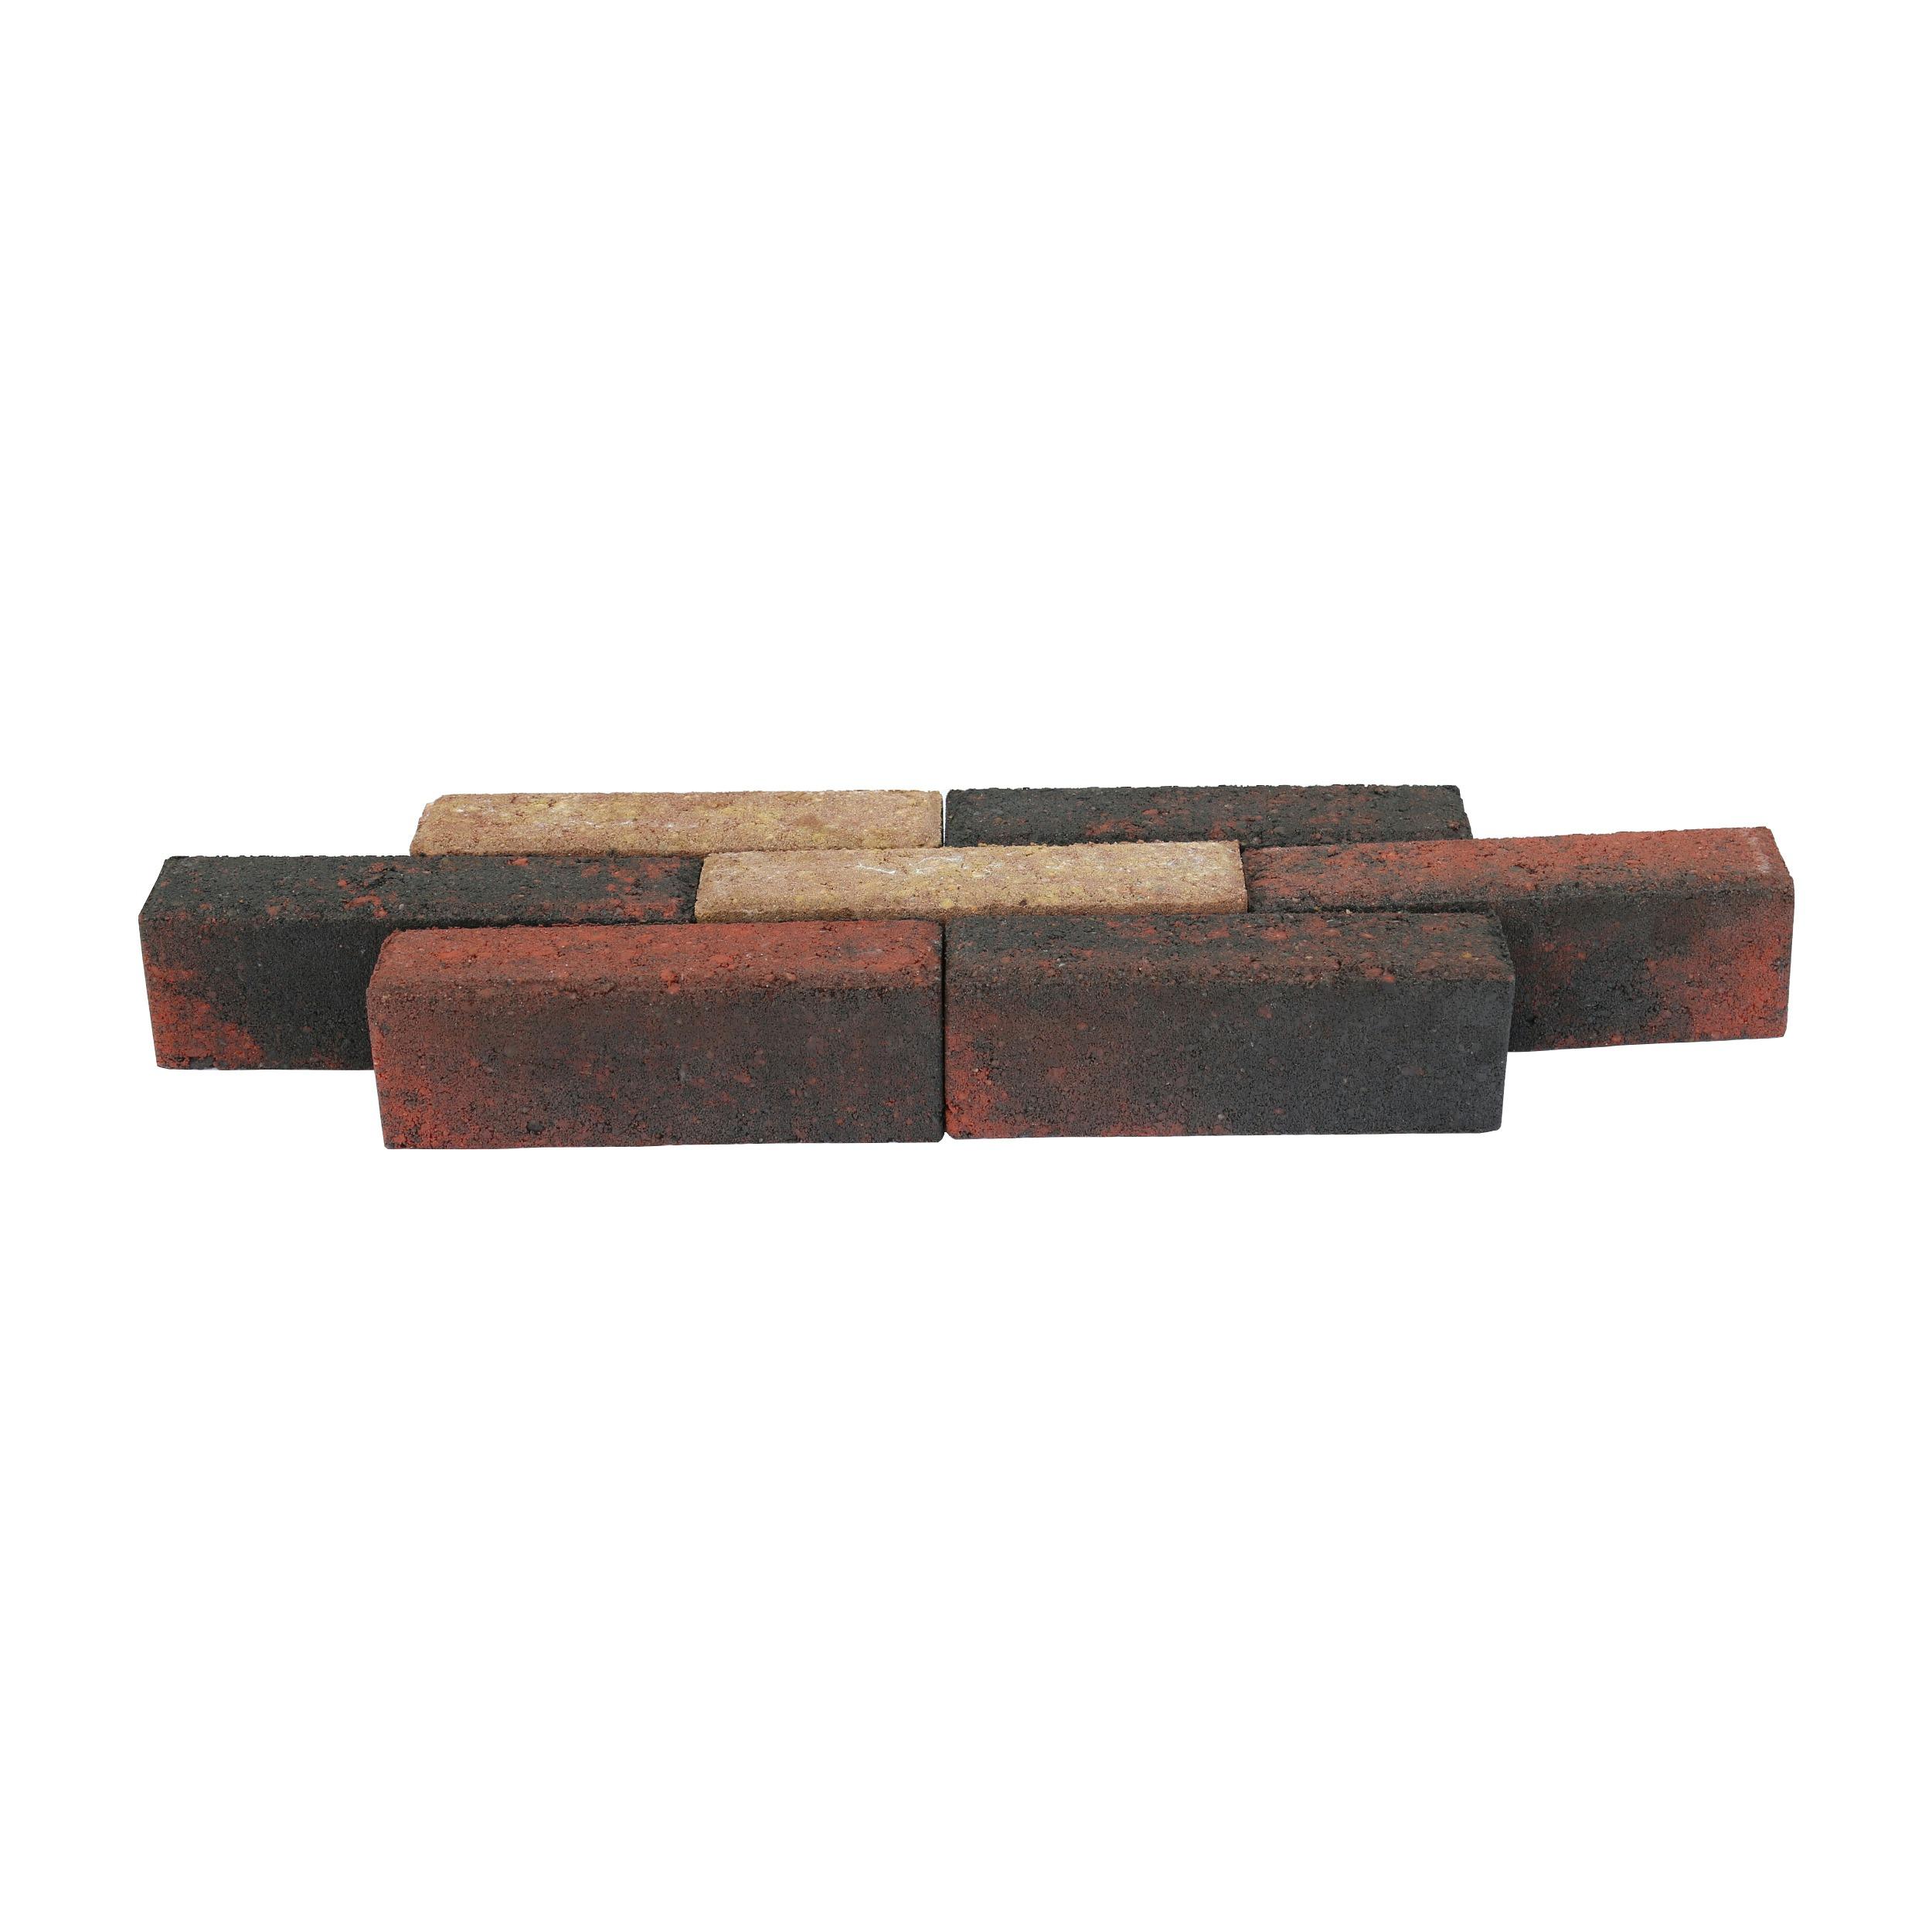 Klinker Beton Bont Waalformaat 20x5x7 cm - 66 Klinkers / 0,66 m2